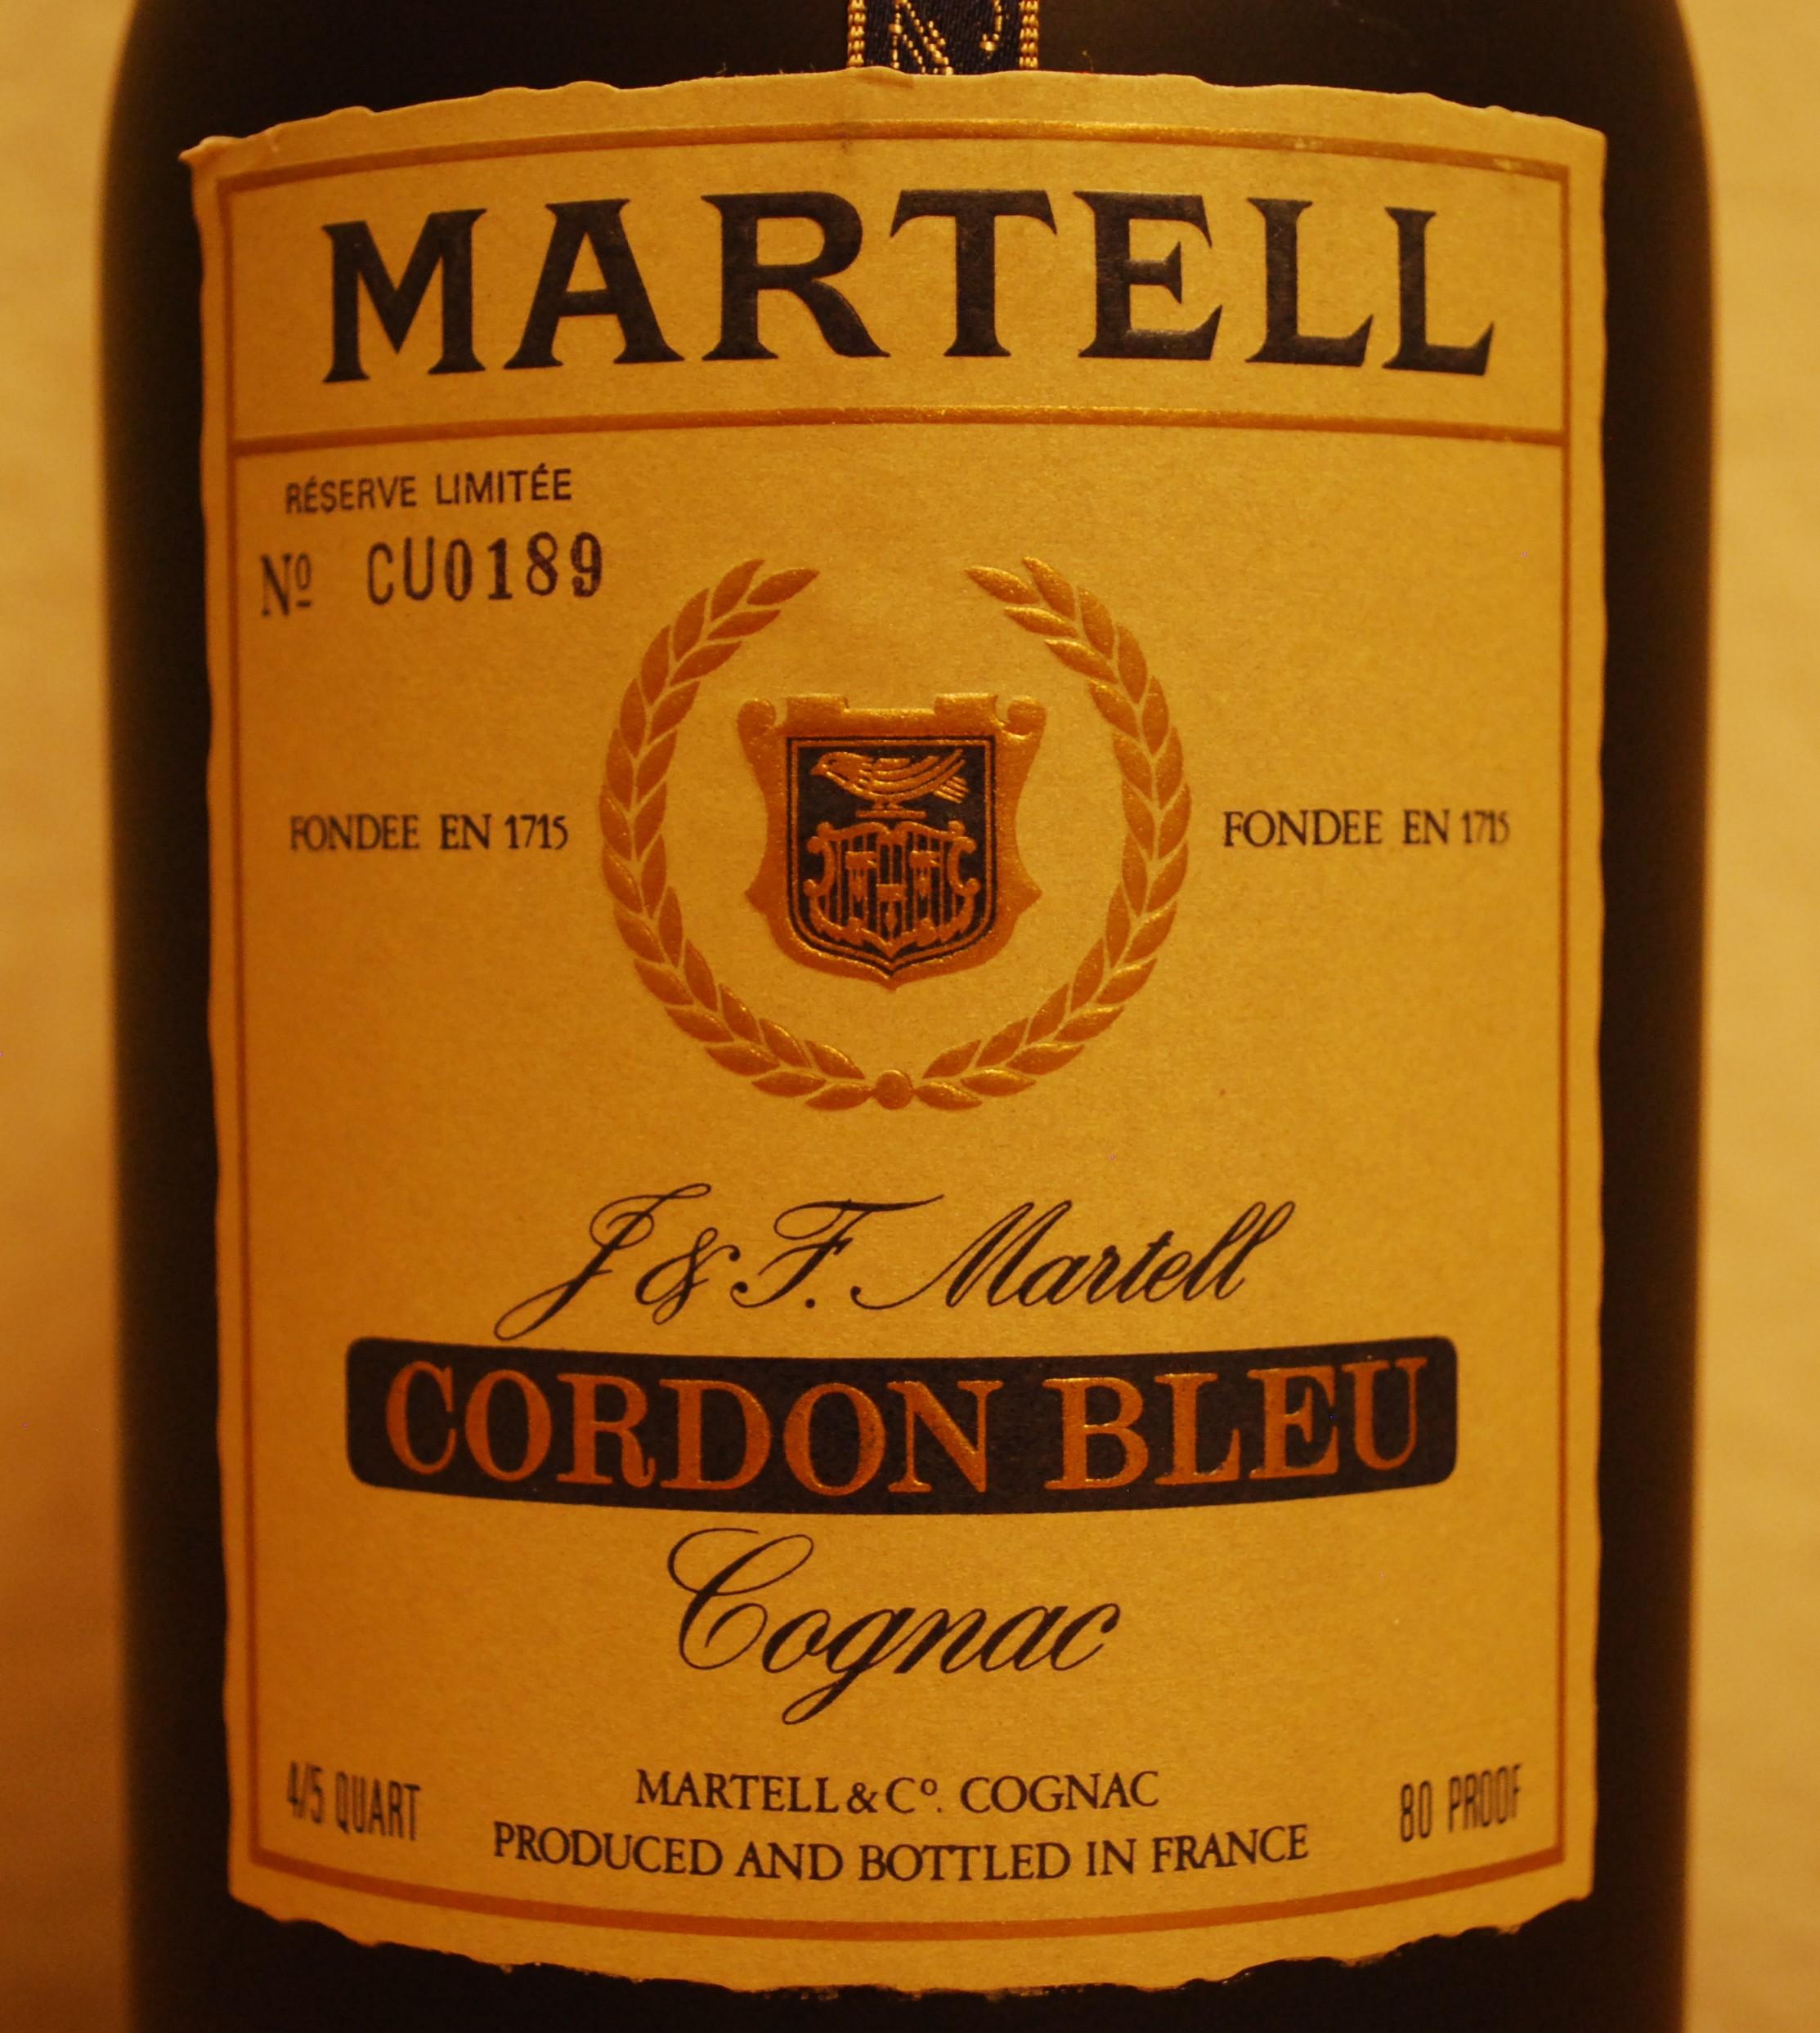 Martell Cordon Bleu Réserve Limitée